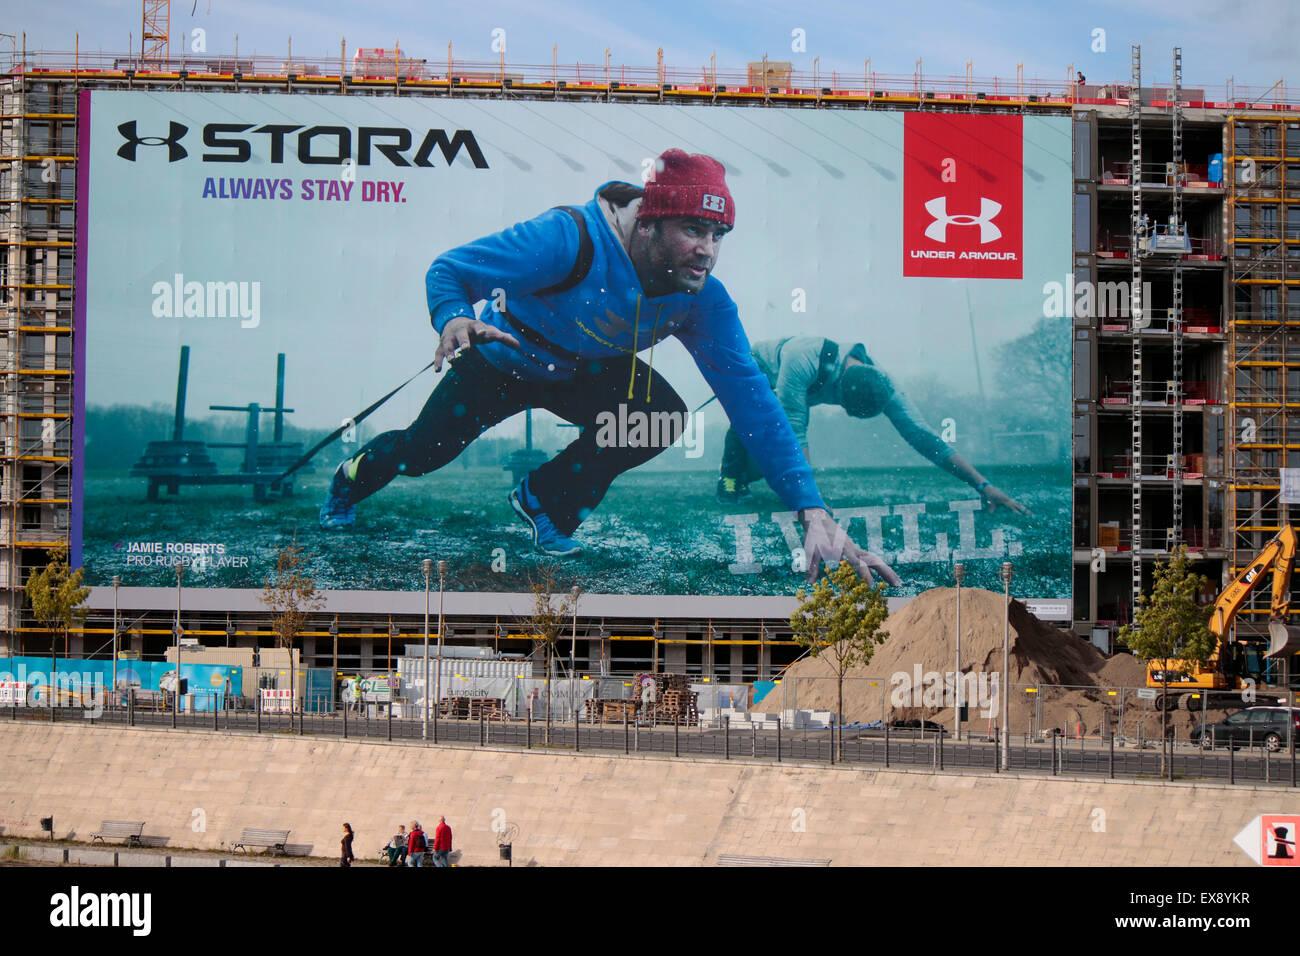 Grossplakat mit Werbung fuer die Firma 'Storm/ Under Armor' mit dem Rugby Star Jamie Roberts, Berlin. - Stock Image